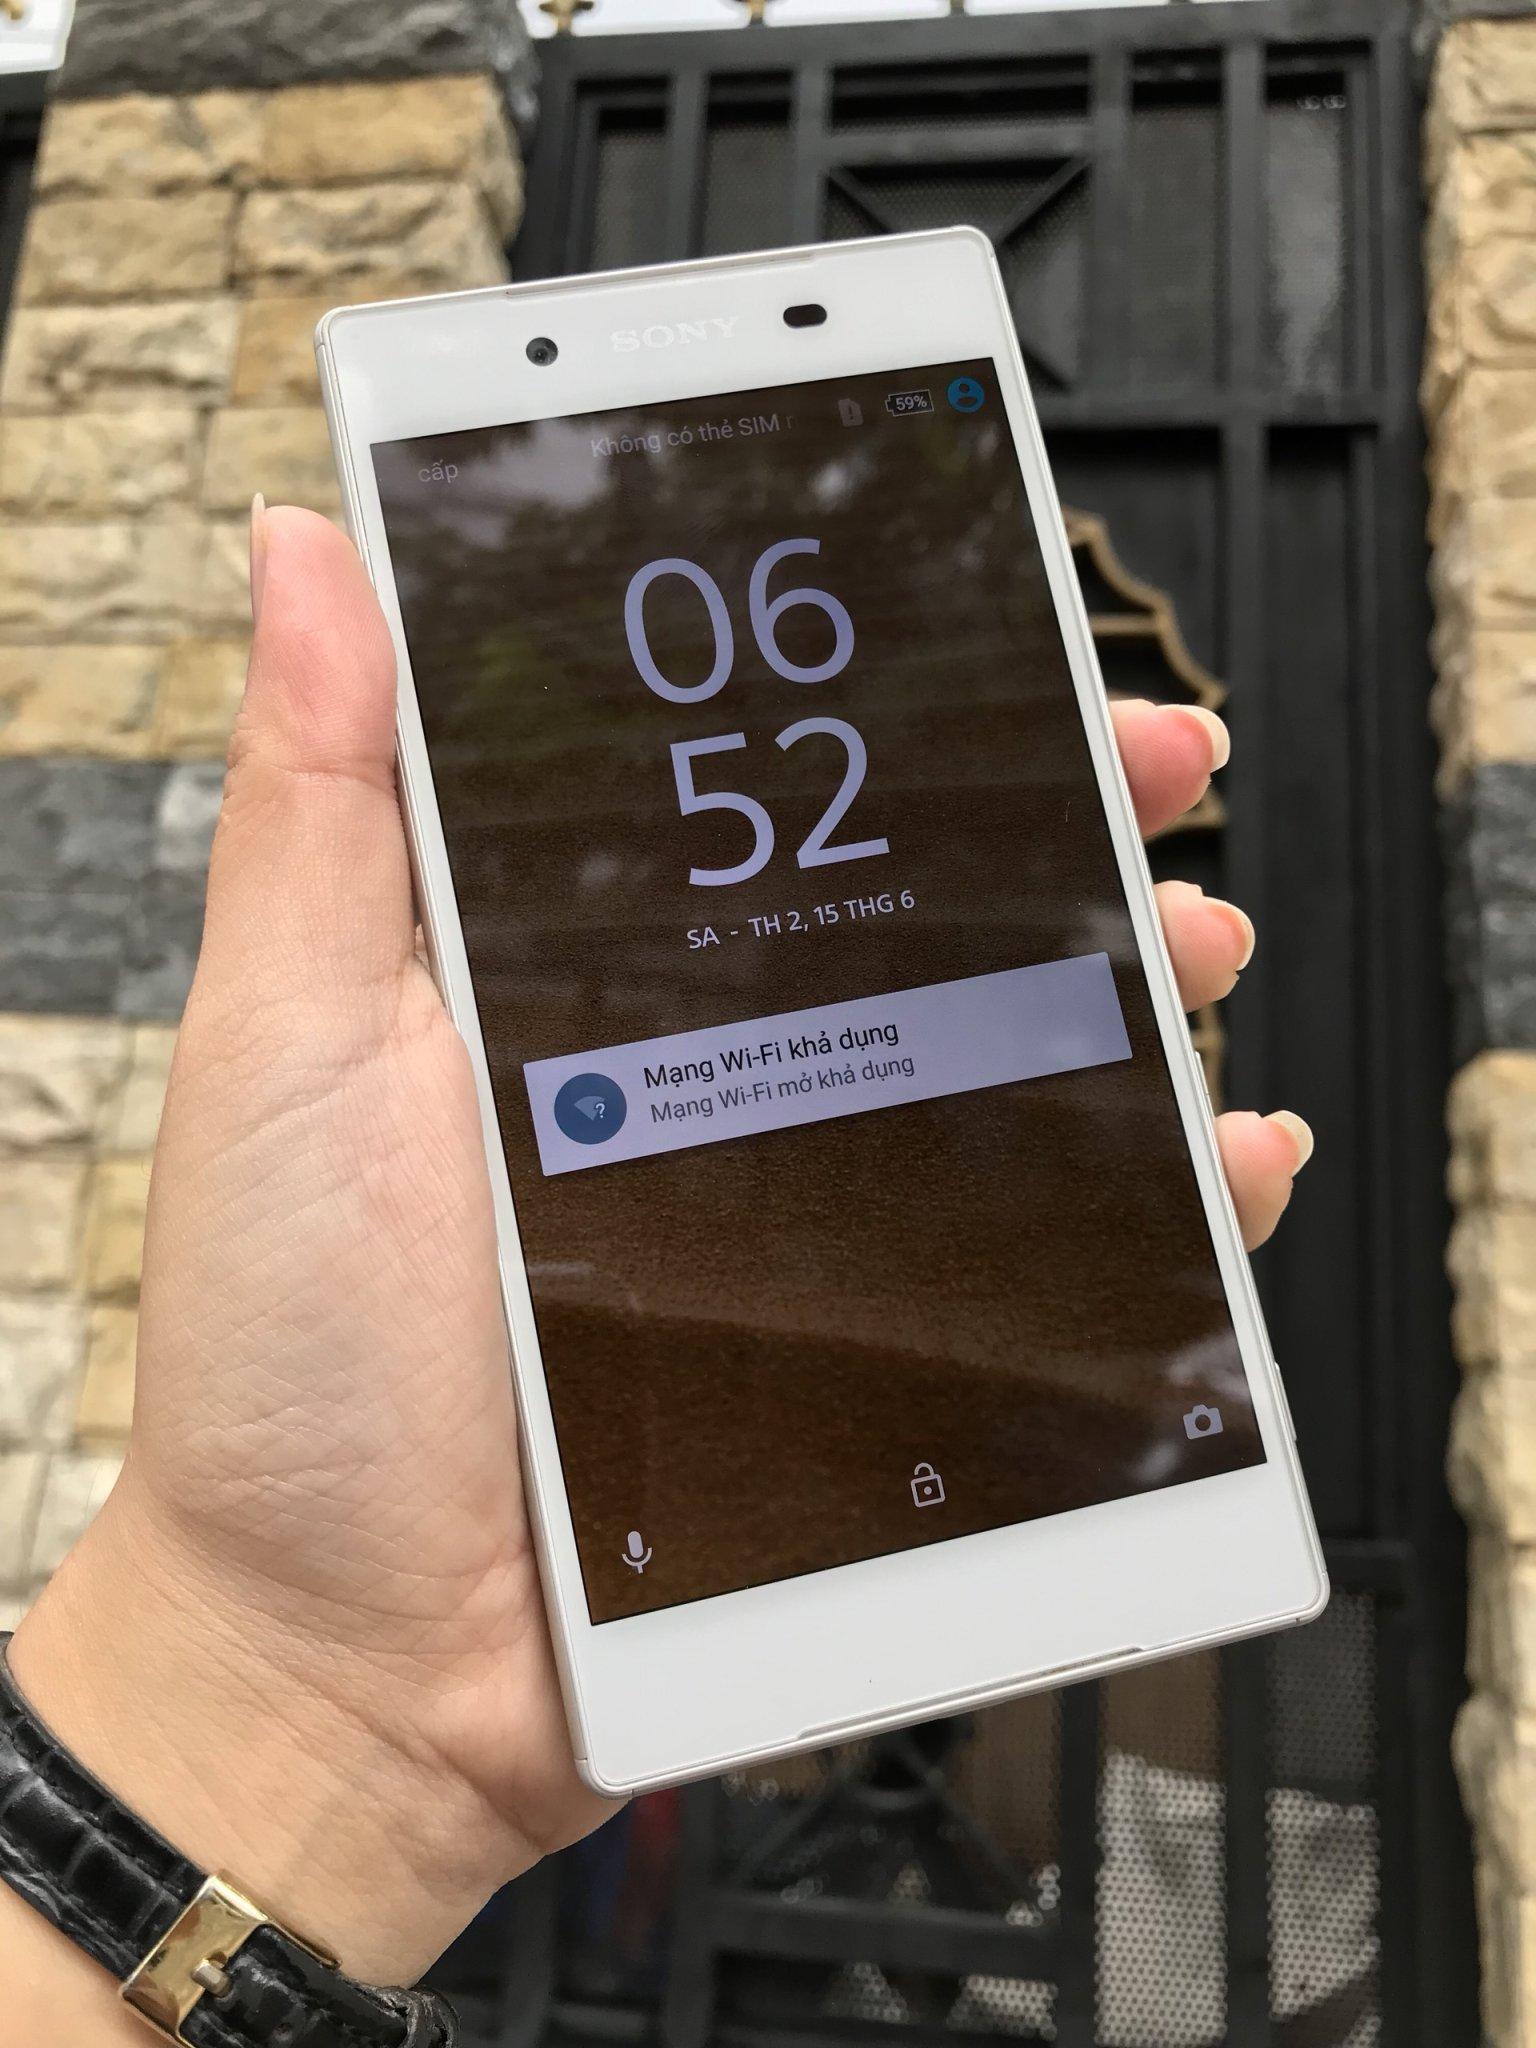 Mã Tiết Kiệm Để Mua Sắm điện Thoại Sony Xperia Z5 Bản Nhật Cpu 8 Nhân Ram 3gb 32gb